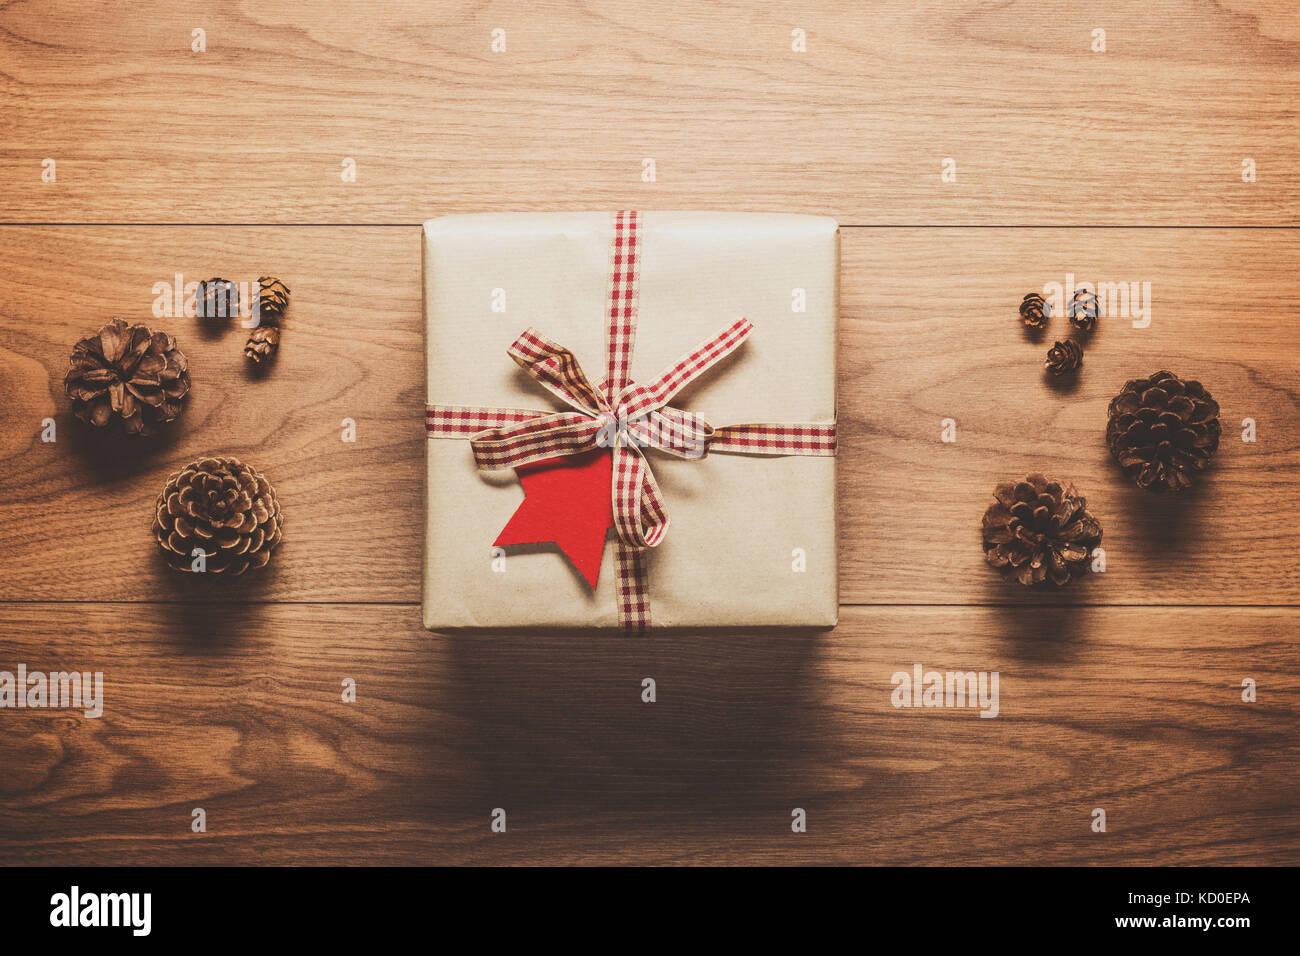 Zauberhafte Weihnachten Thema Hintergrund, Weihnachtsgeschenk und ...